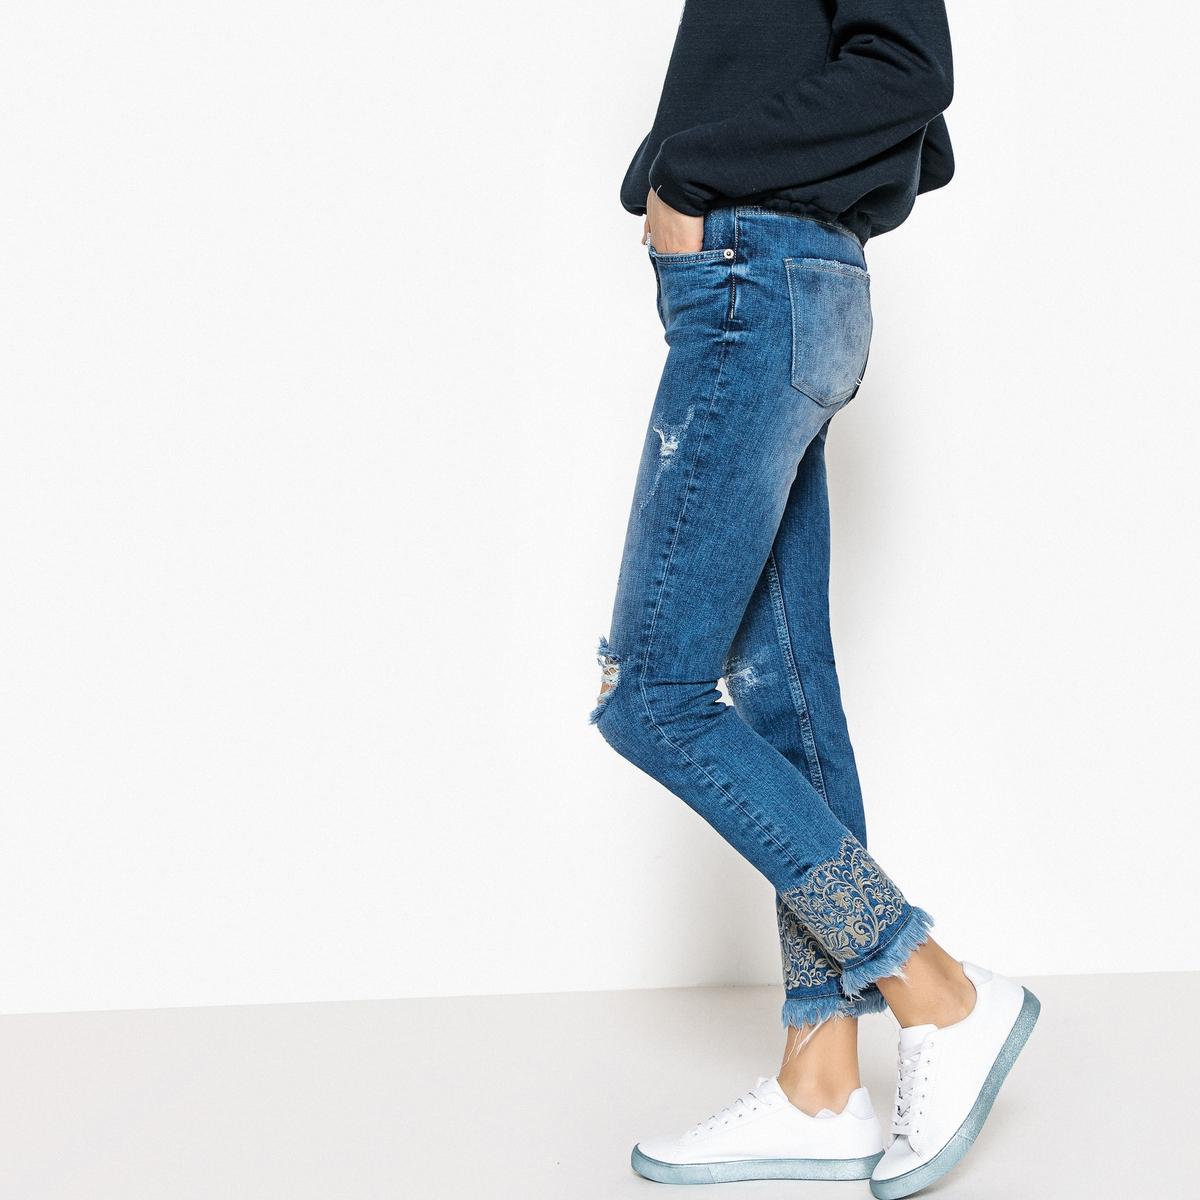 Джинсы La Redoute Слим с вышивкой и неподшитыми краями 32 (FR) - 38 (RUS) синий шорты la redoute плавательные с принтом джунгли мес года 18 мес 81 см синий